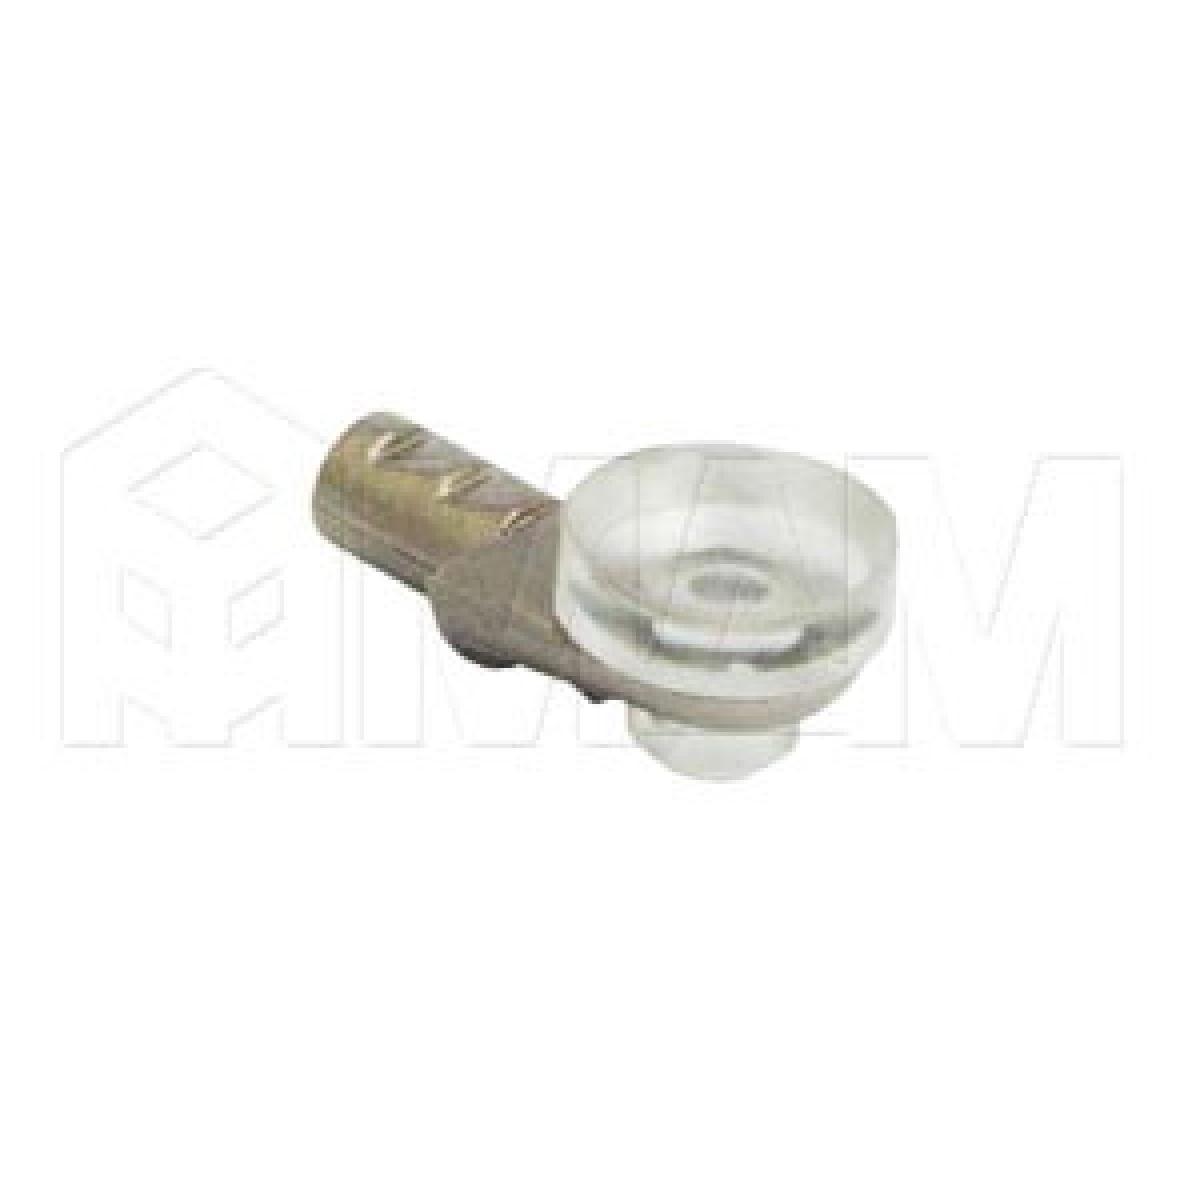 Полкодержатель с присоской для стеклянных полок, никель/прозрачный